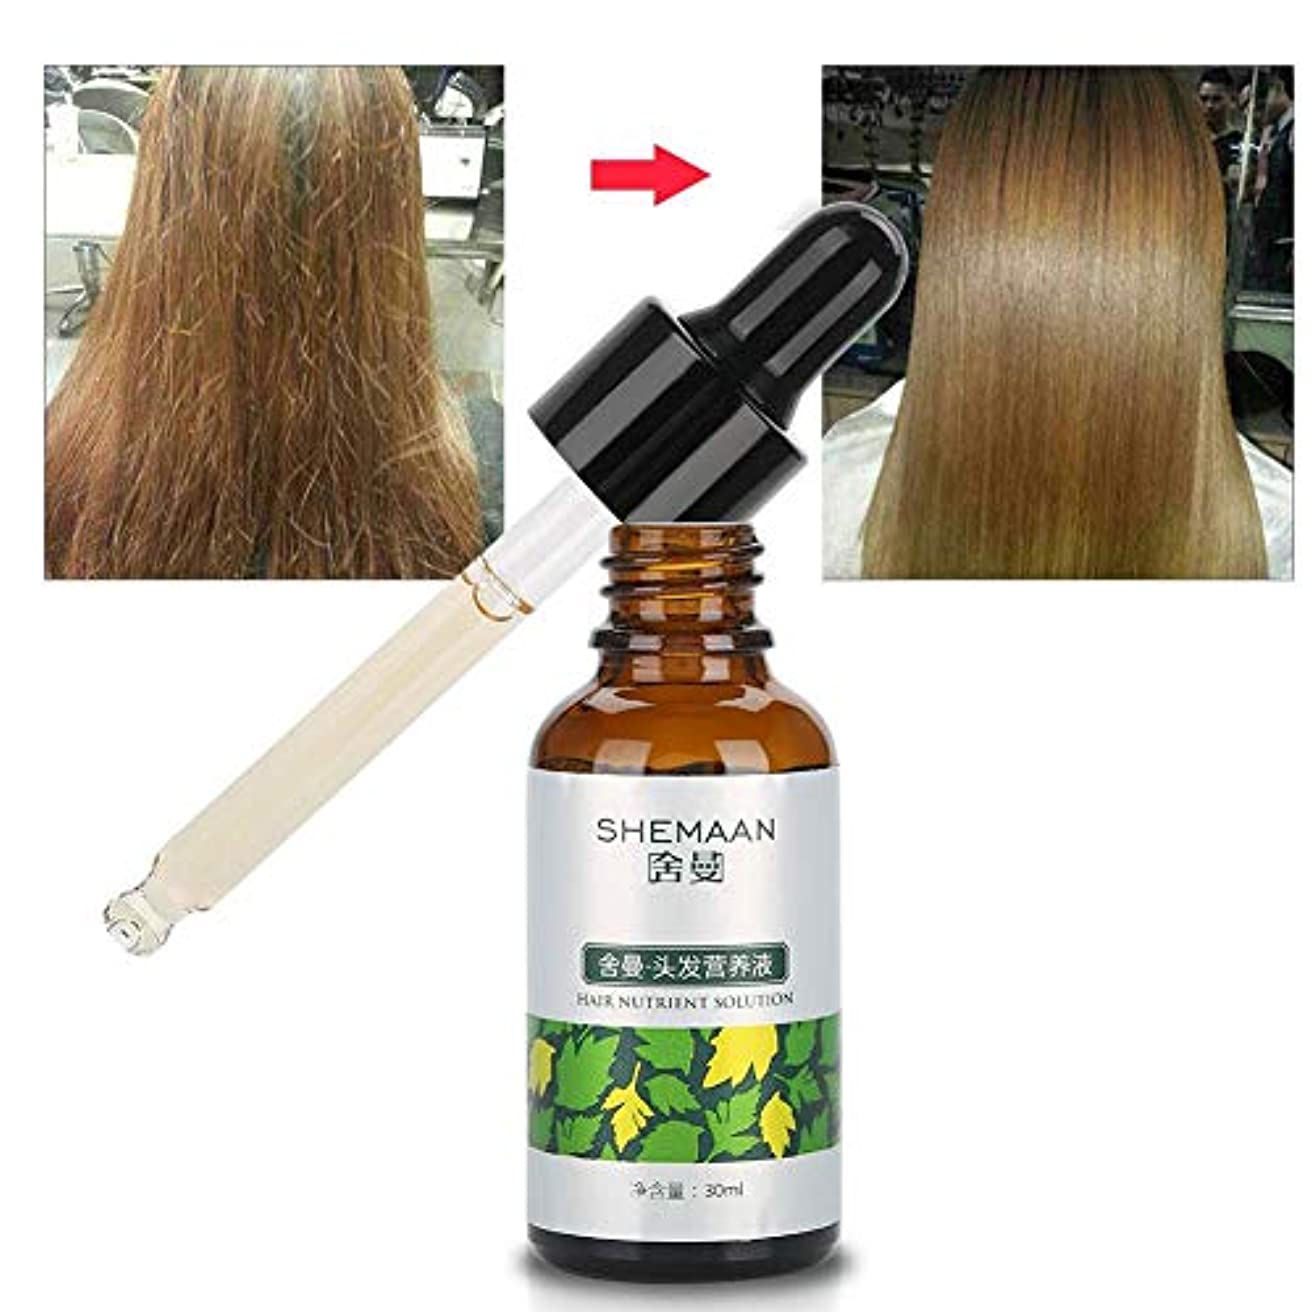 ブートゆるく起訴するオイルヘア製品、30mlユニセックスセラムにより、髪を滑らかで柔らかく、明るい髪にします。髪のもつれや枝毛を減らします。